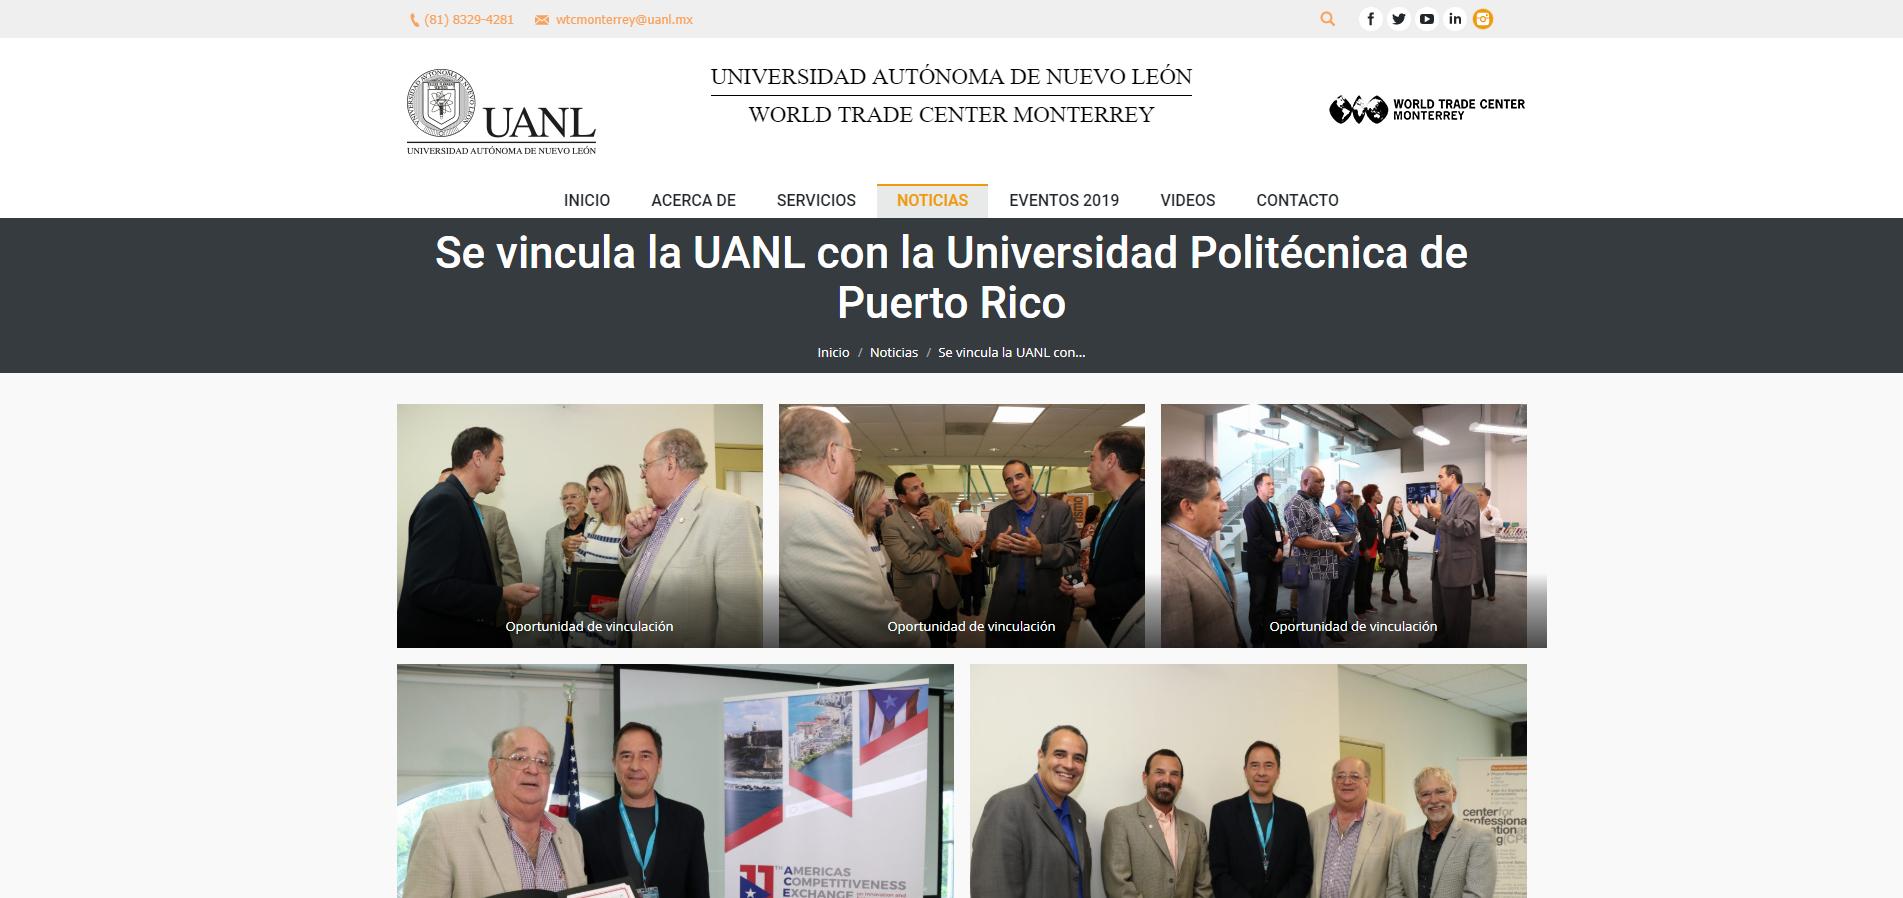 """""""Se Vincula la UANL con la Universidad Politécnica de Puerto Rico"""", World Trade Center Monterrey de la Universidad Autónoma de Nuevo León"""